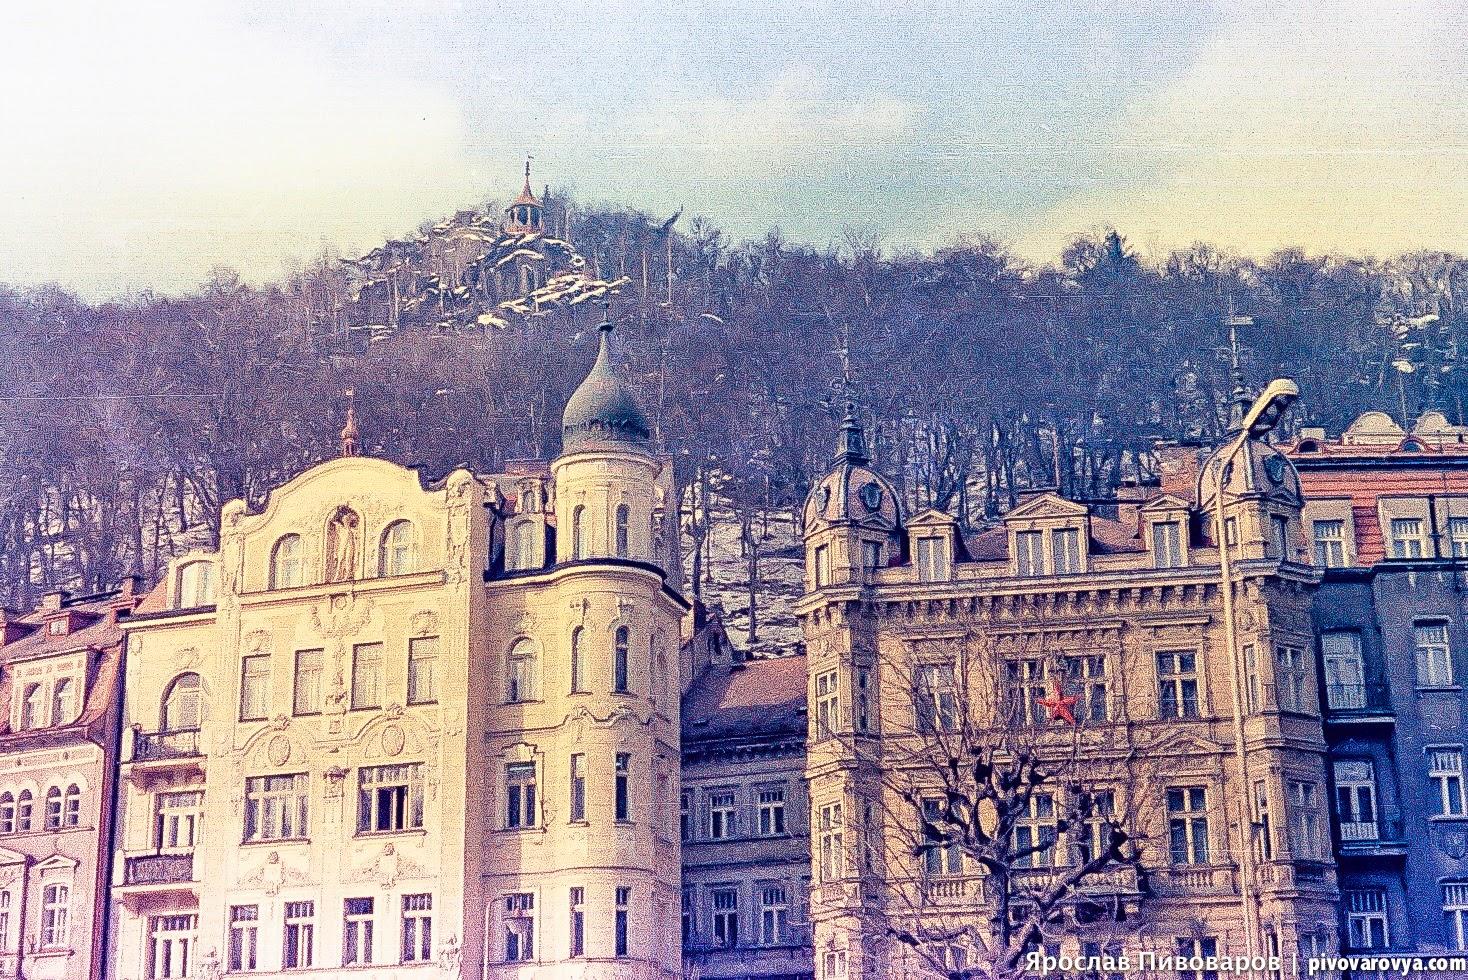 Karlovy Vary, 1980